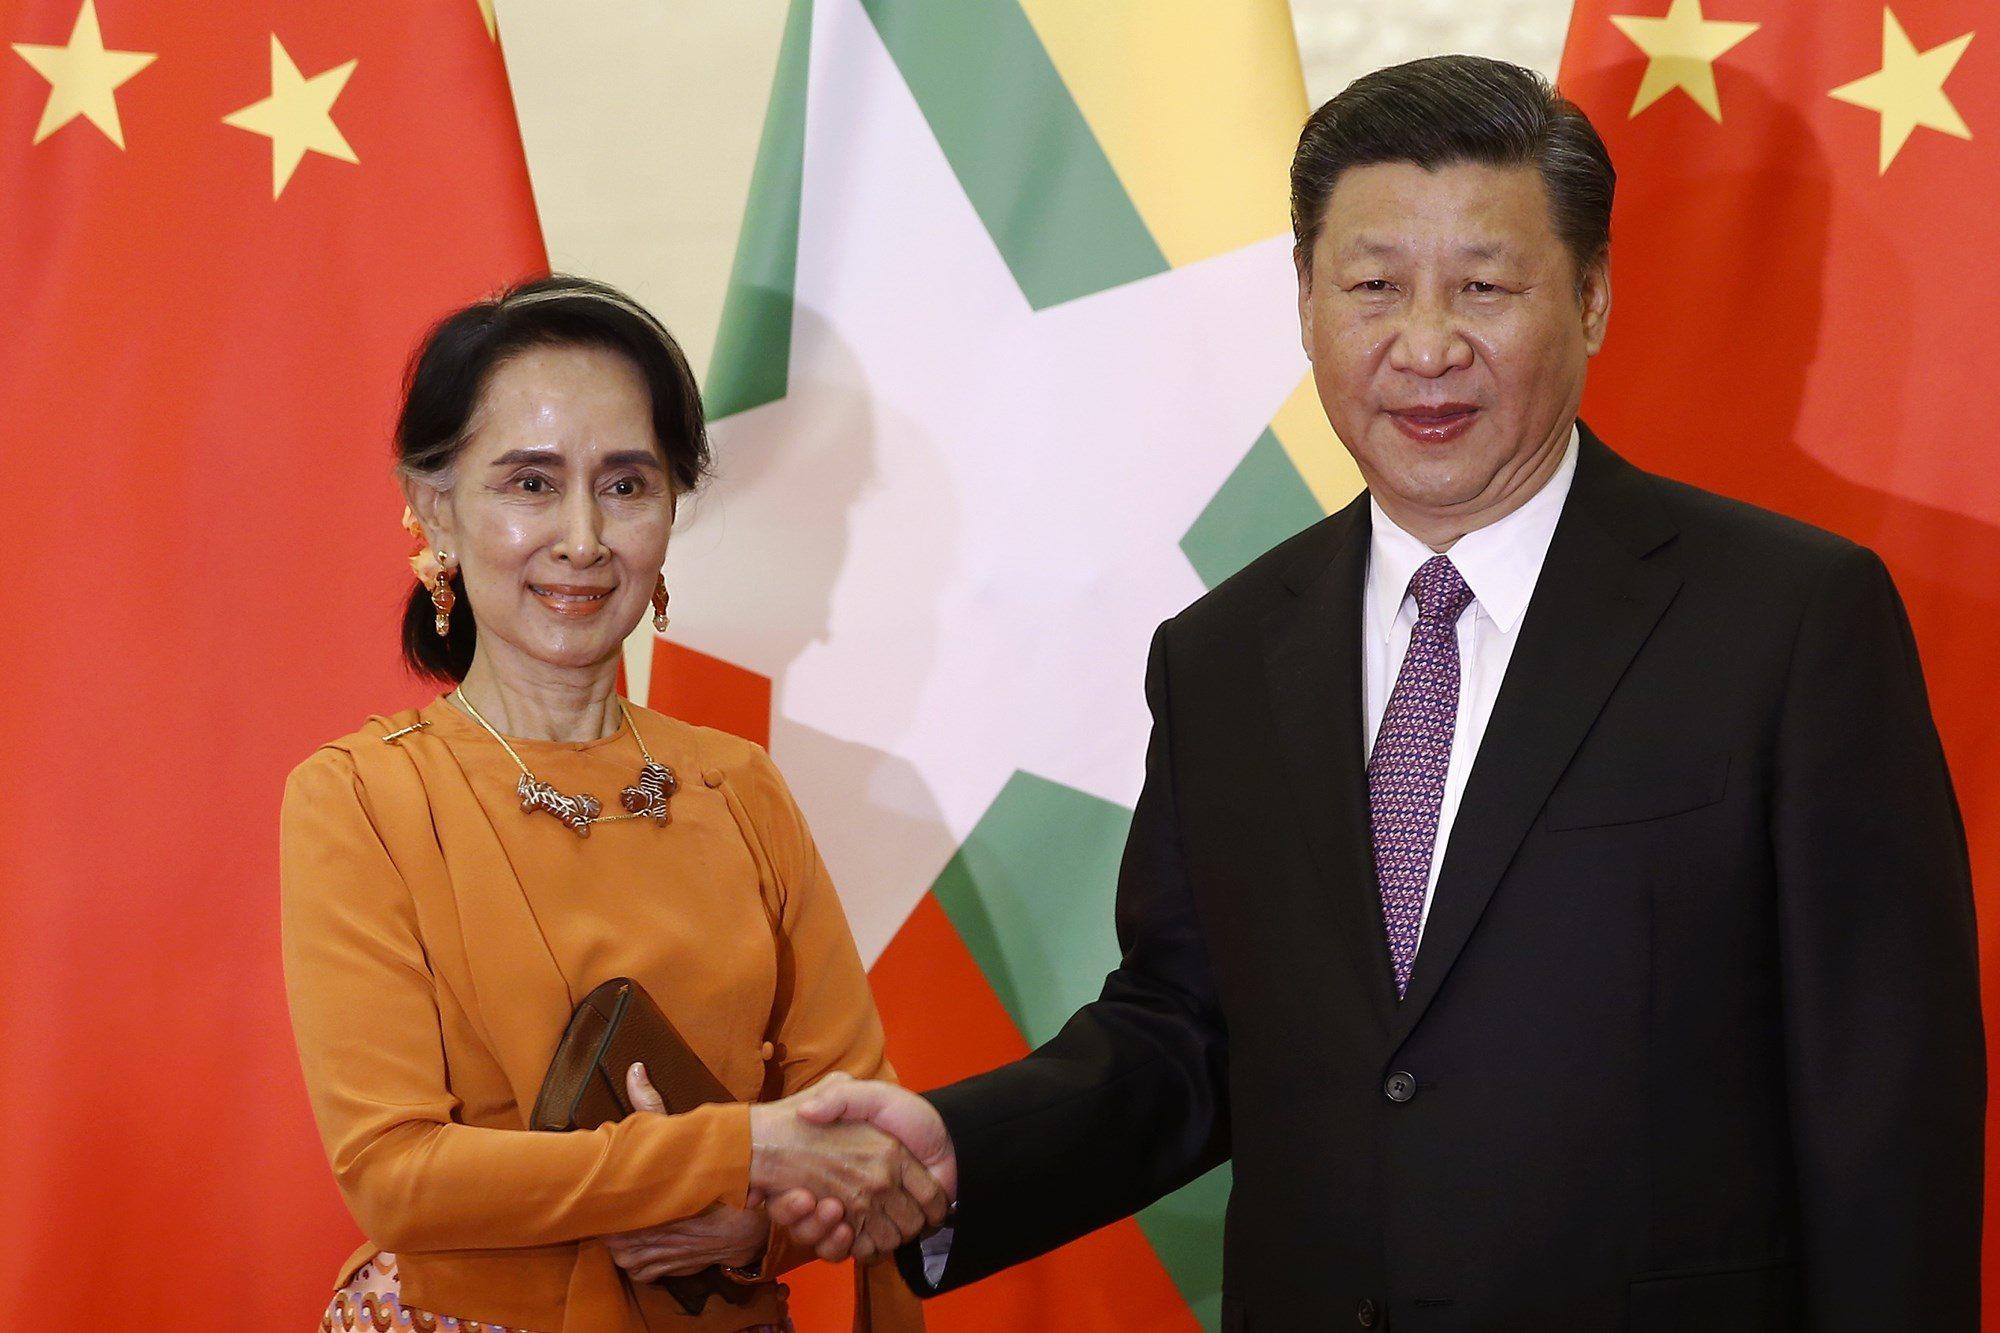 Aung San Suu Kyi and Xi Jinping